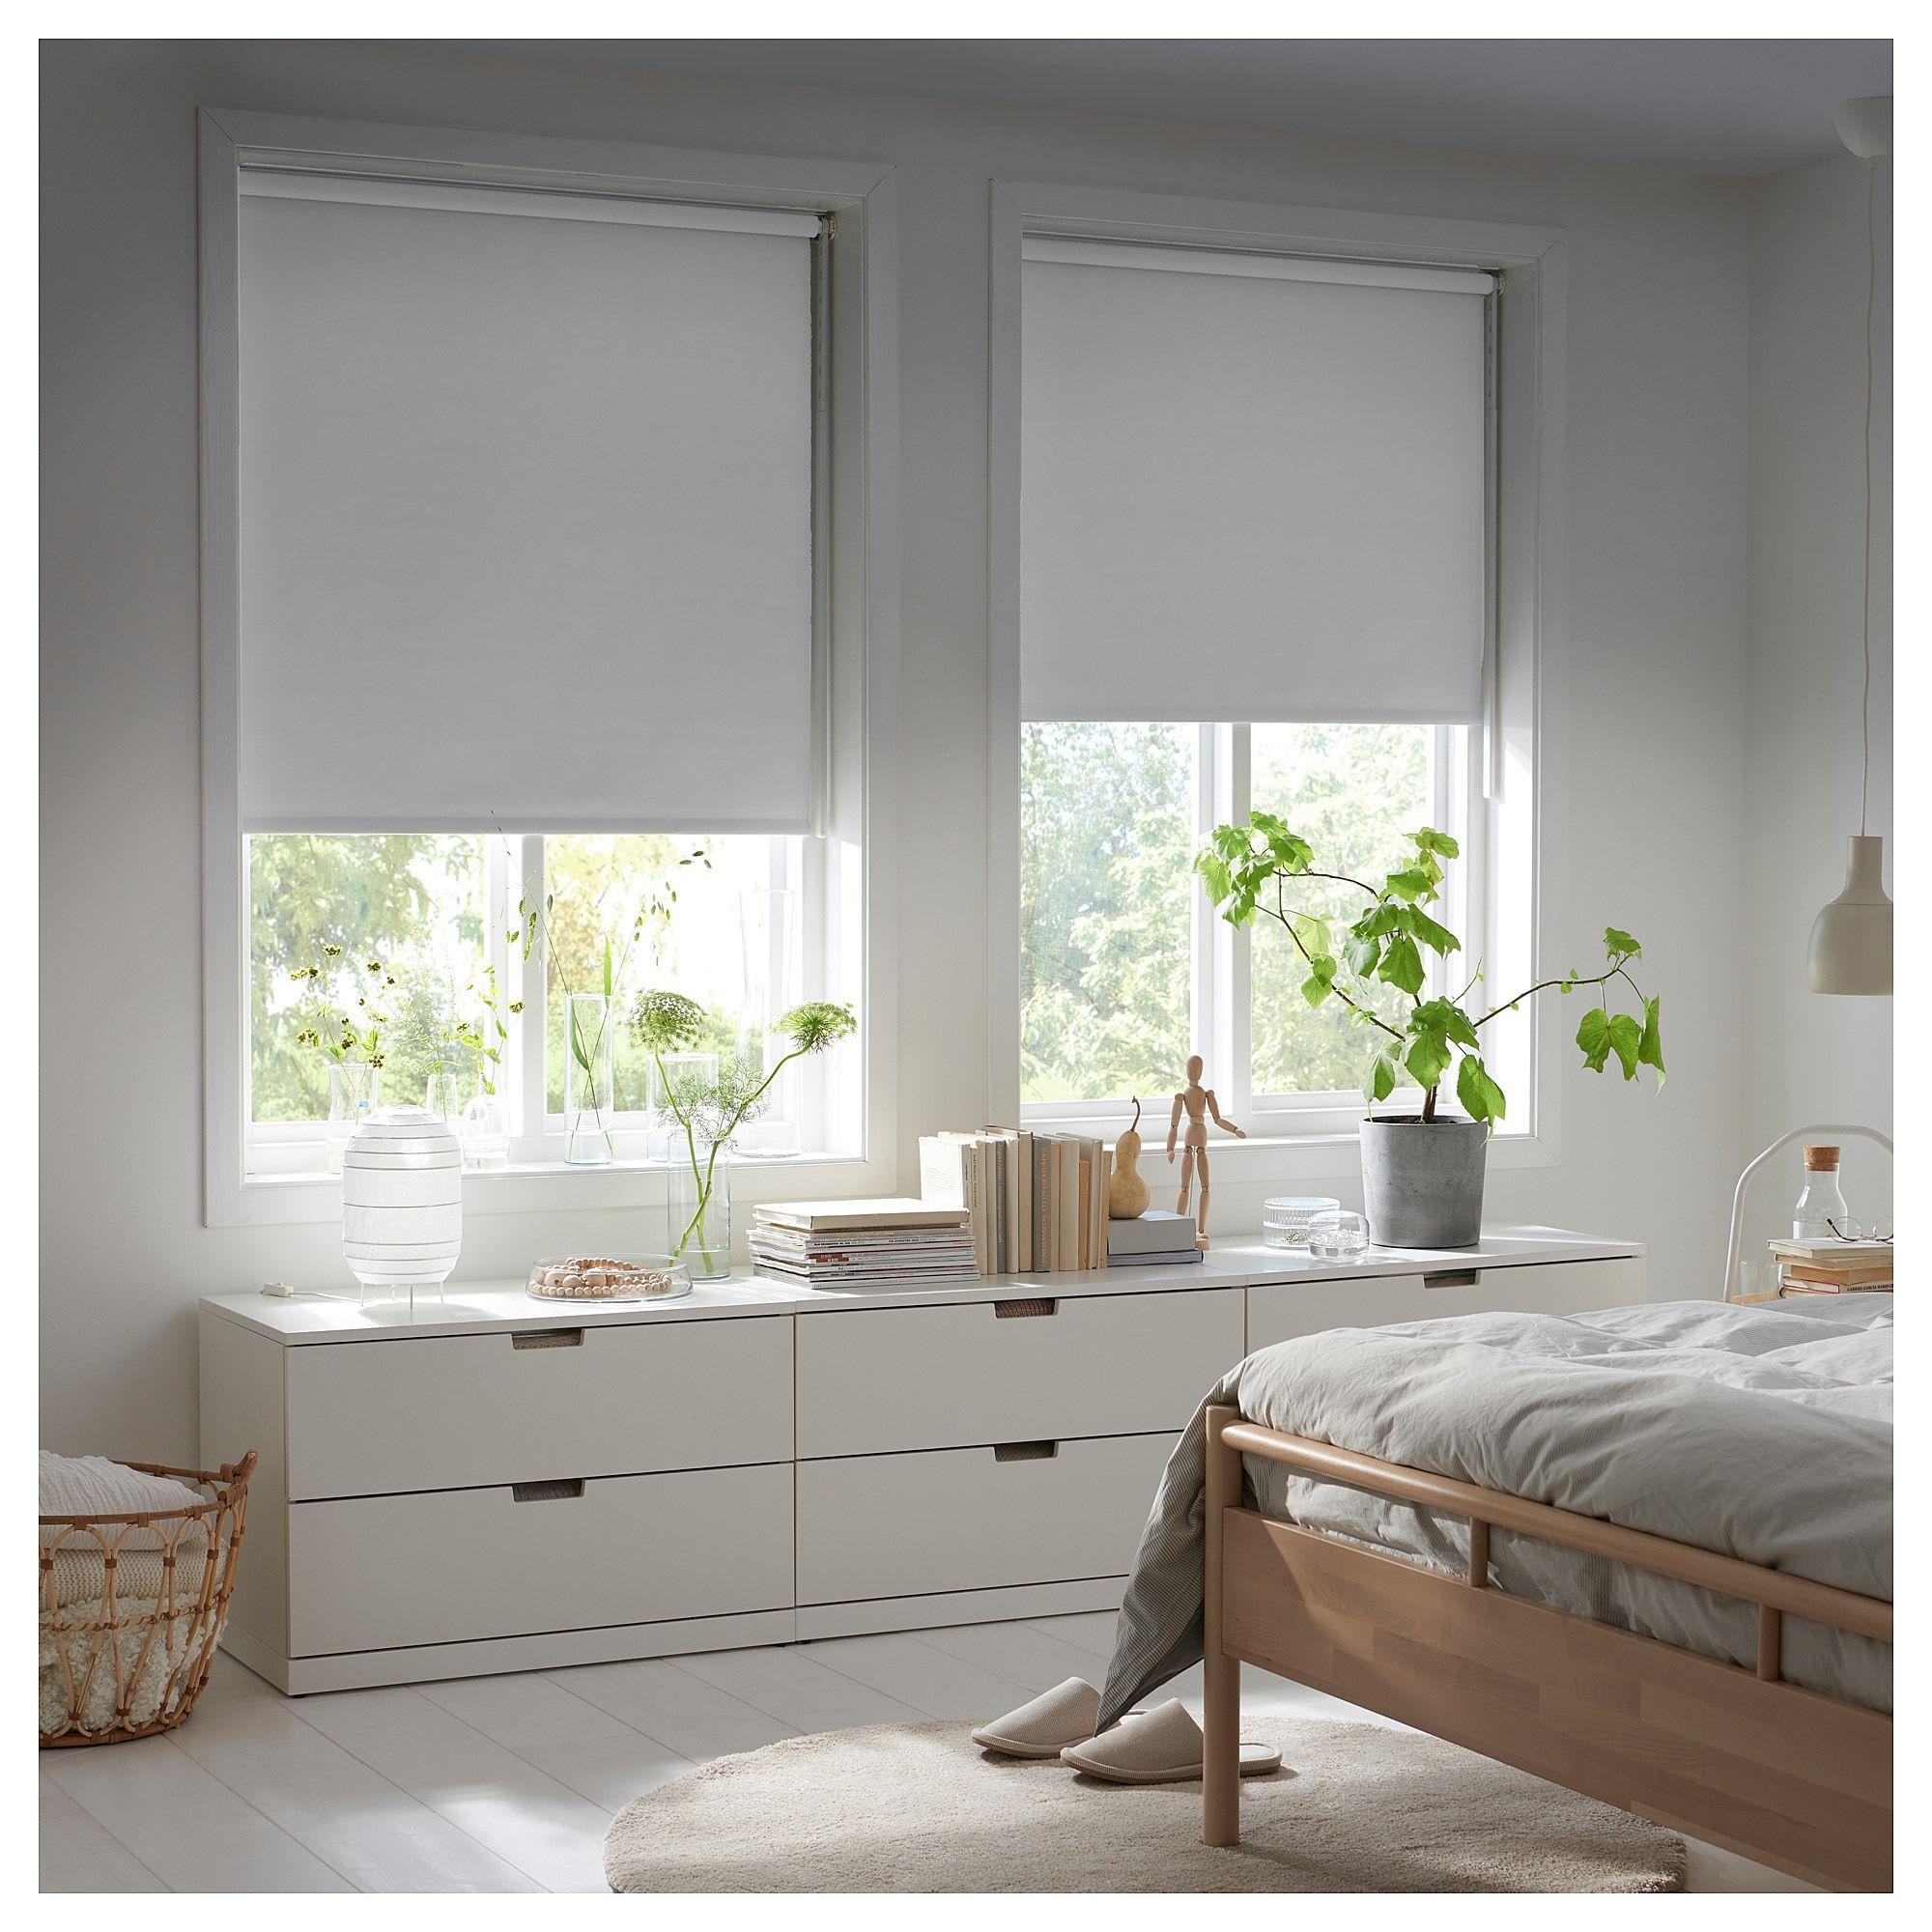 FRIDANS Verdunklungsrollo weiß (med bilder)  Rullgardin, Ikea